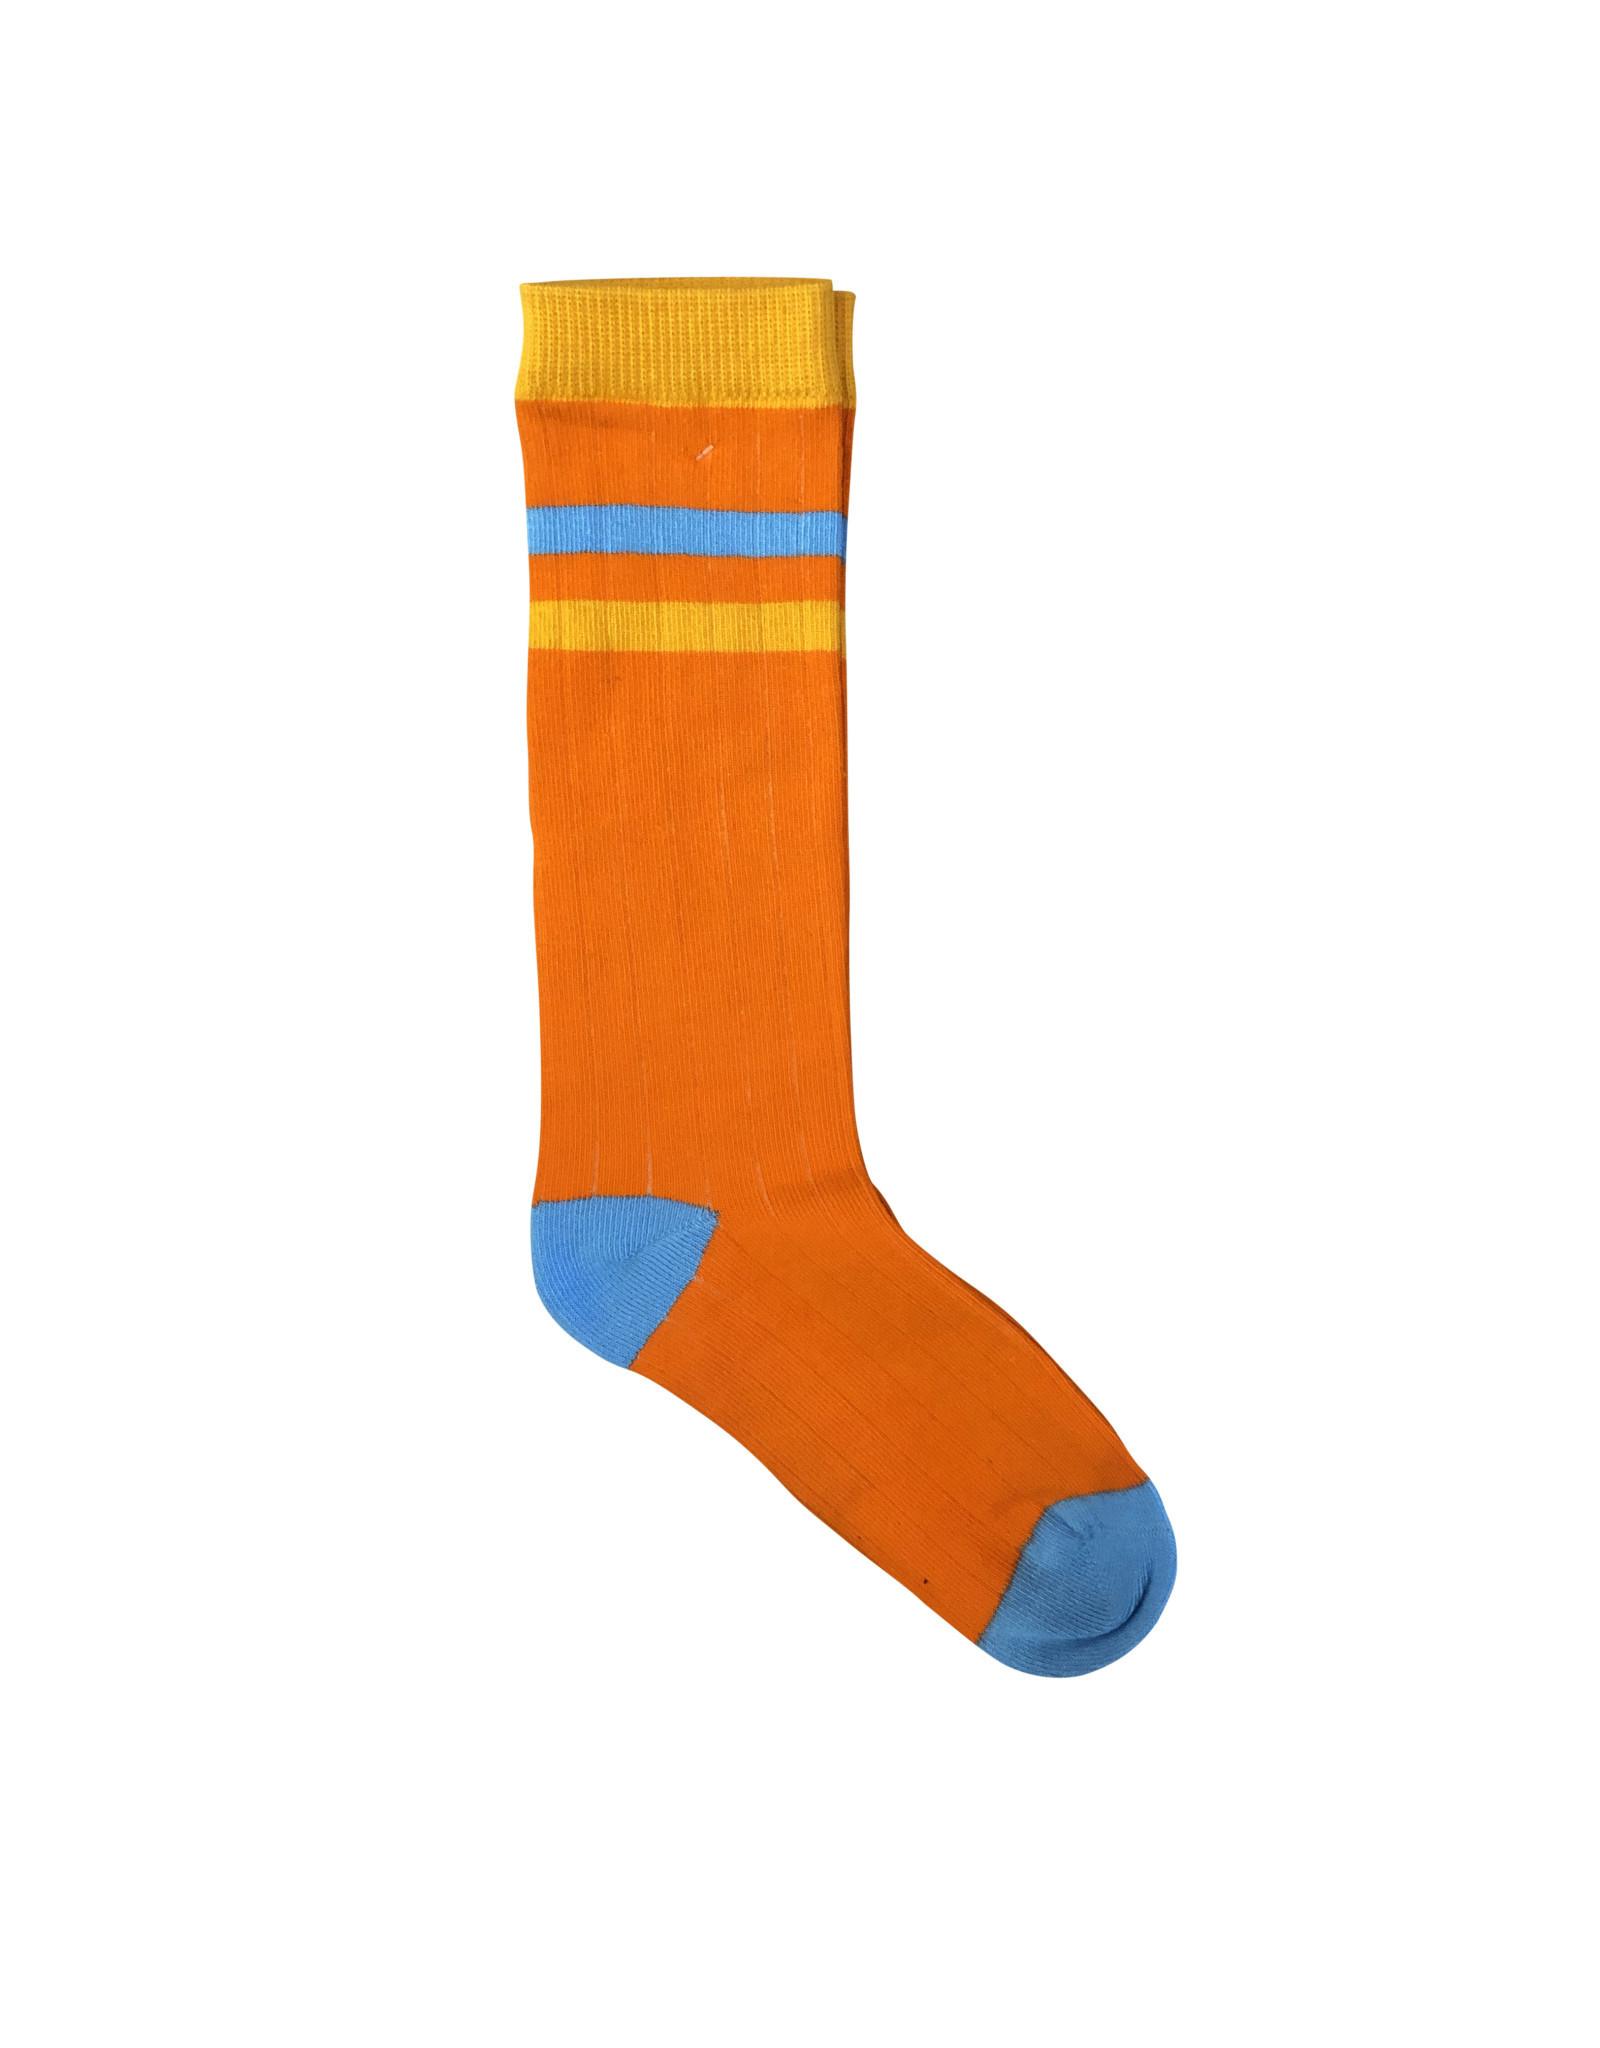 Moromini 545 Ribbed tube socks ORANGE